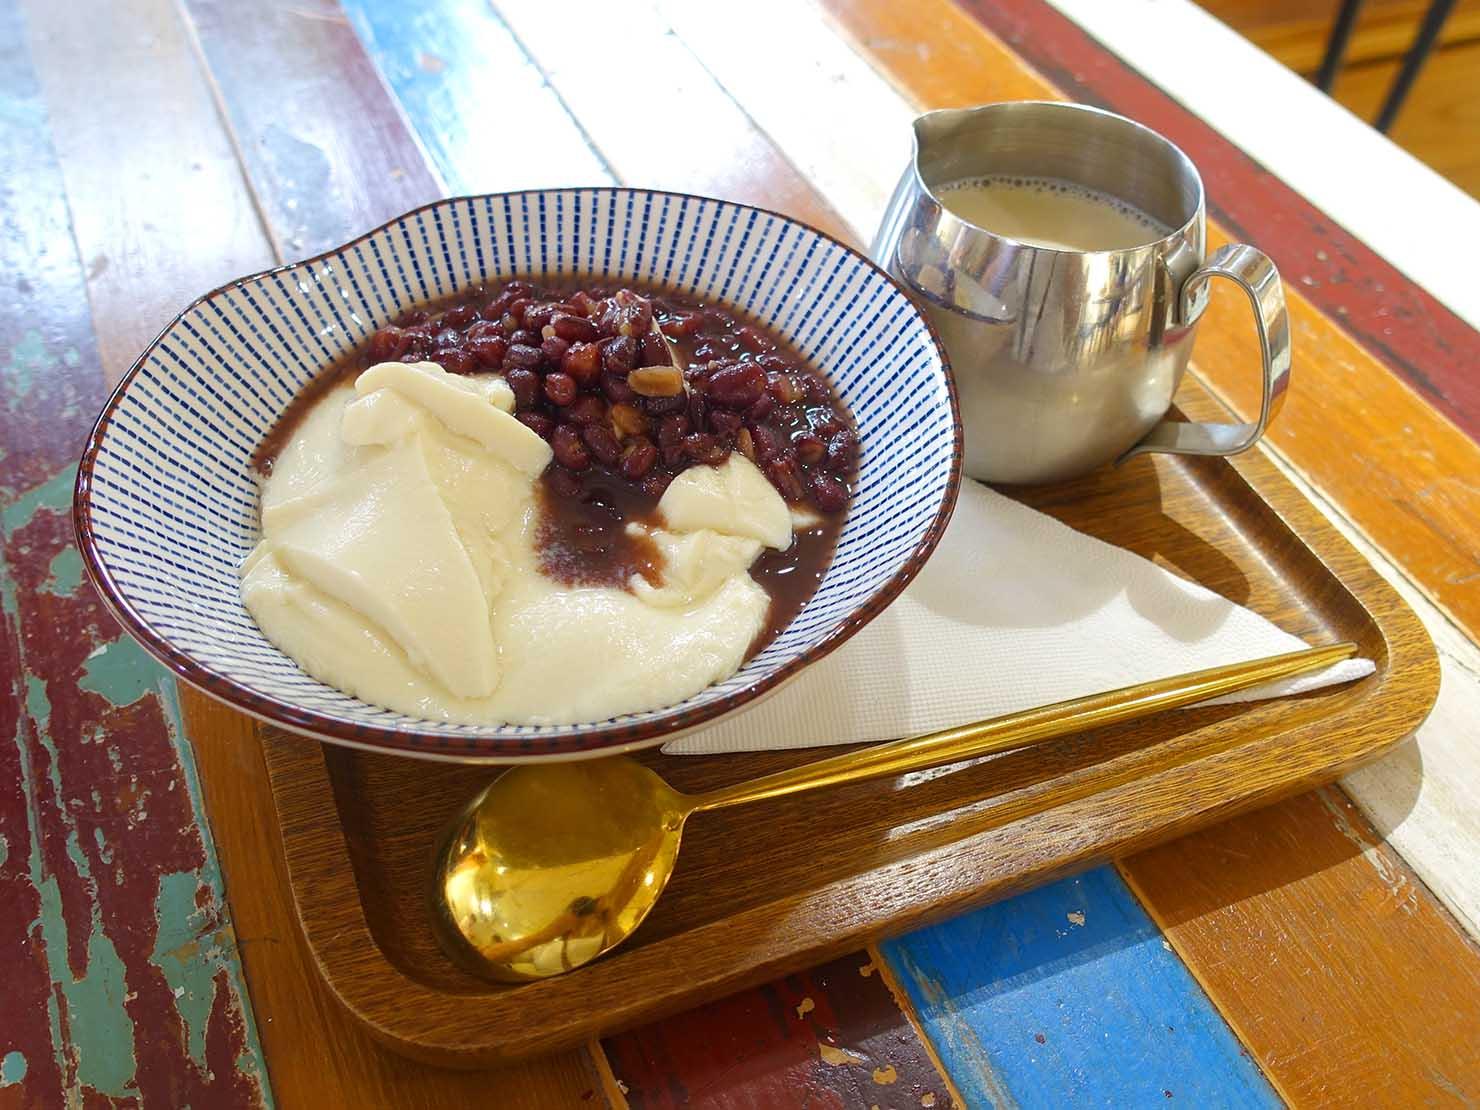 台北・永康街の豆花がいただけるお店「二吉軒豆乳」の傳統微糖豆乳豆花